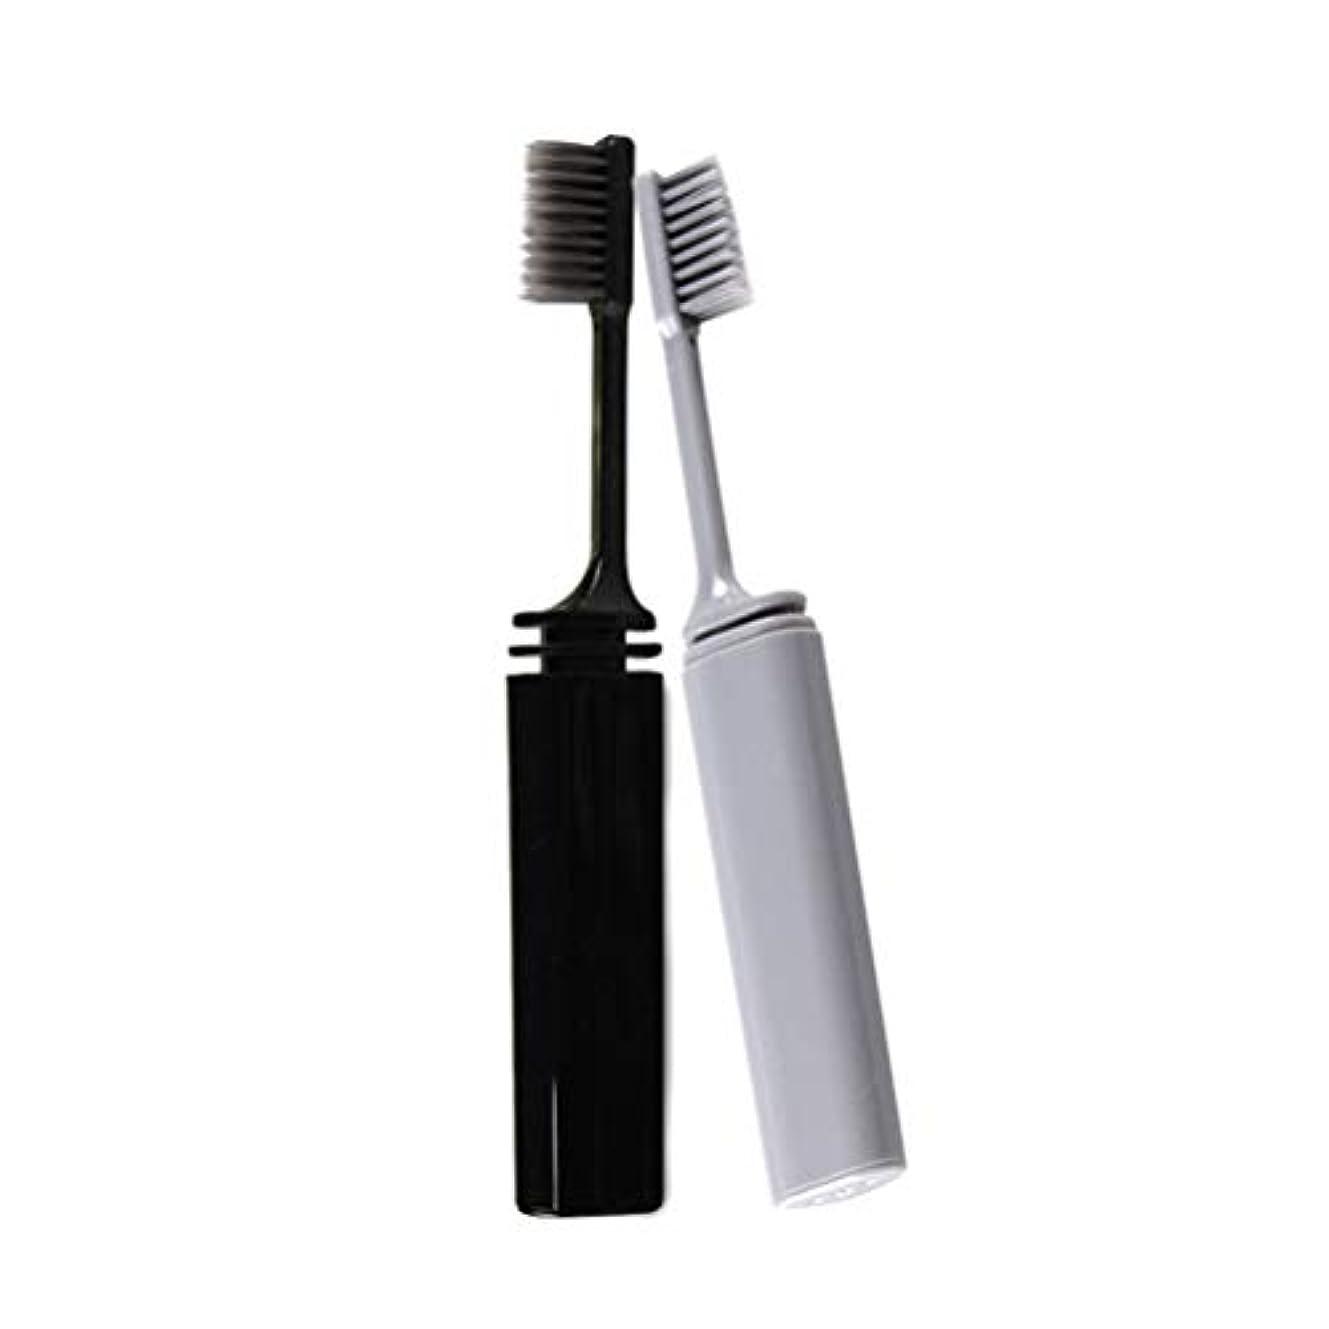 本当のことを言うと後退する記念品Healifty 旅行用携帯用歯ブラシ折りたたみ竹炭歯ブラシ2本(グレー+ブラック)